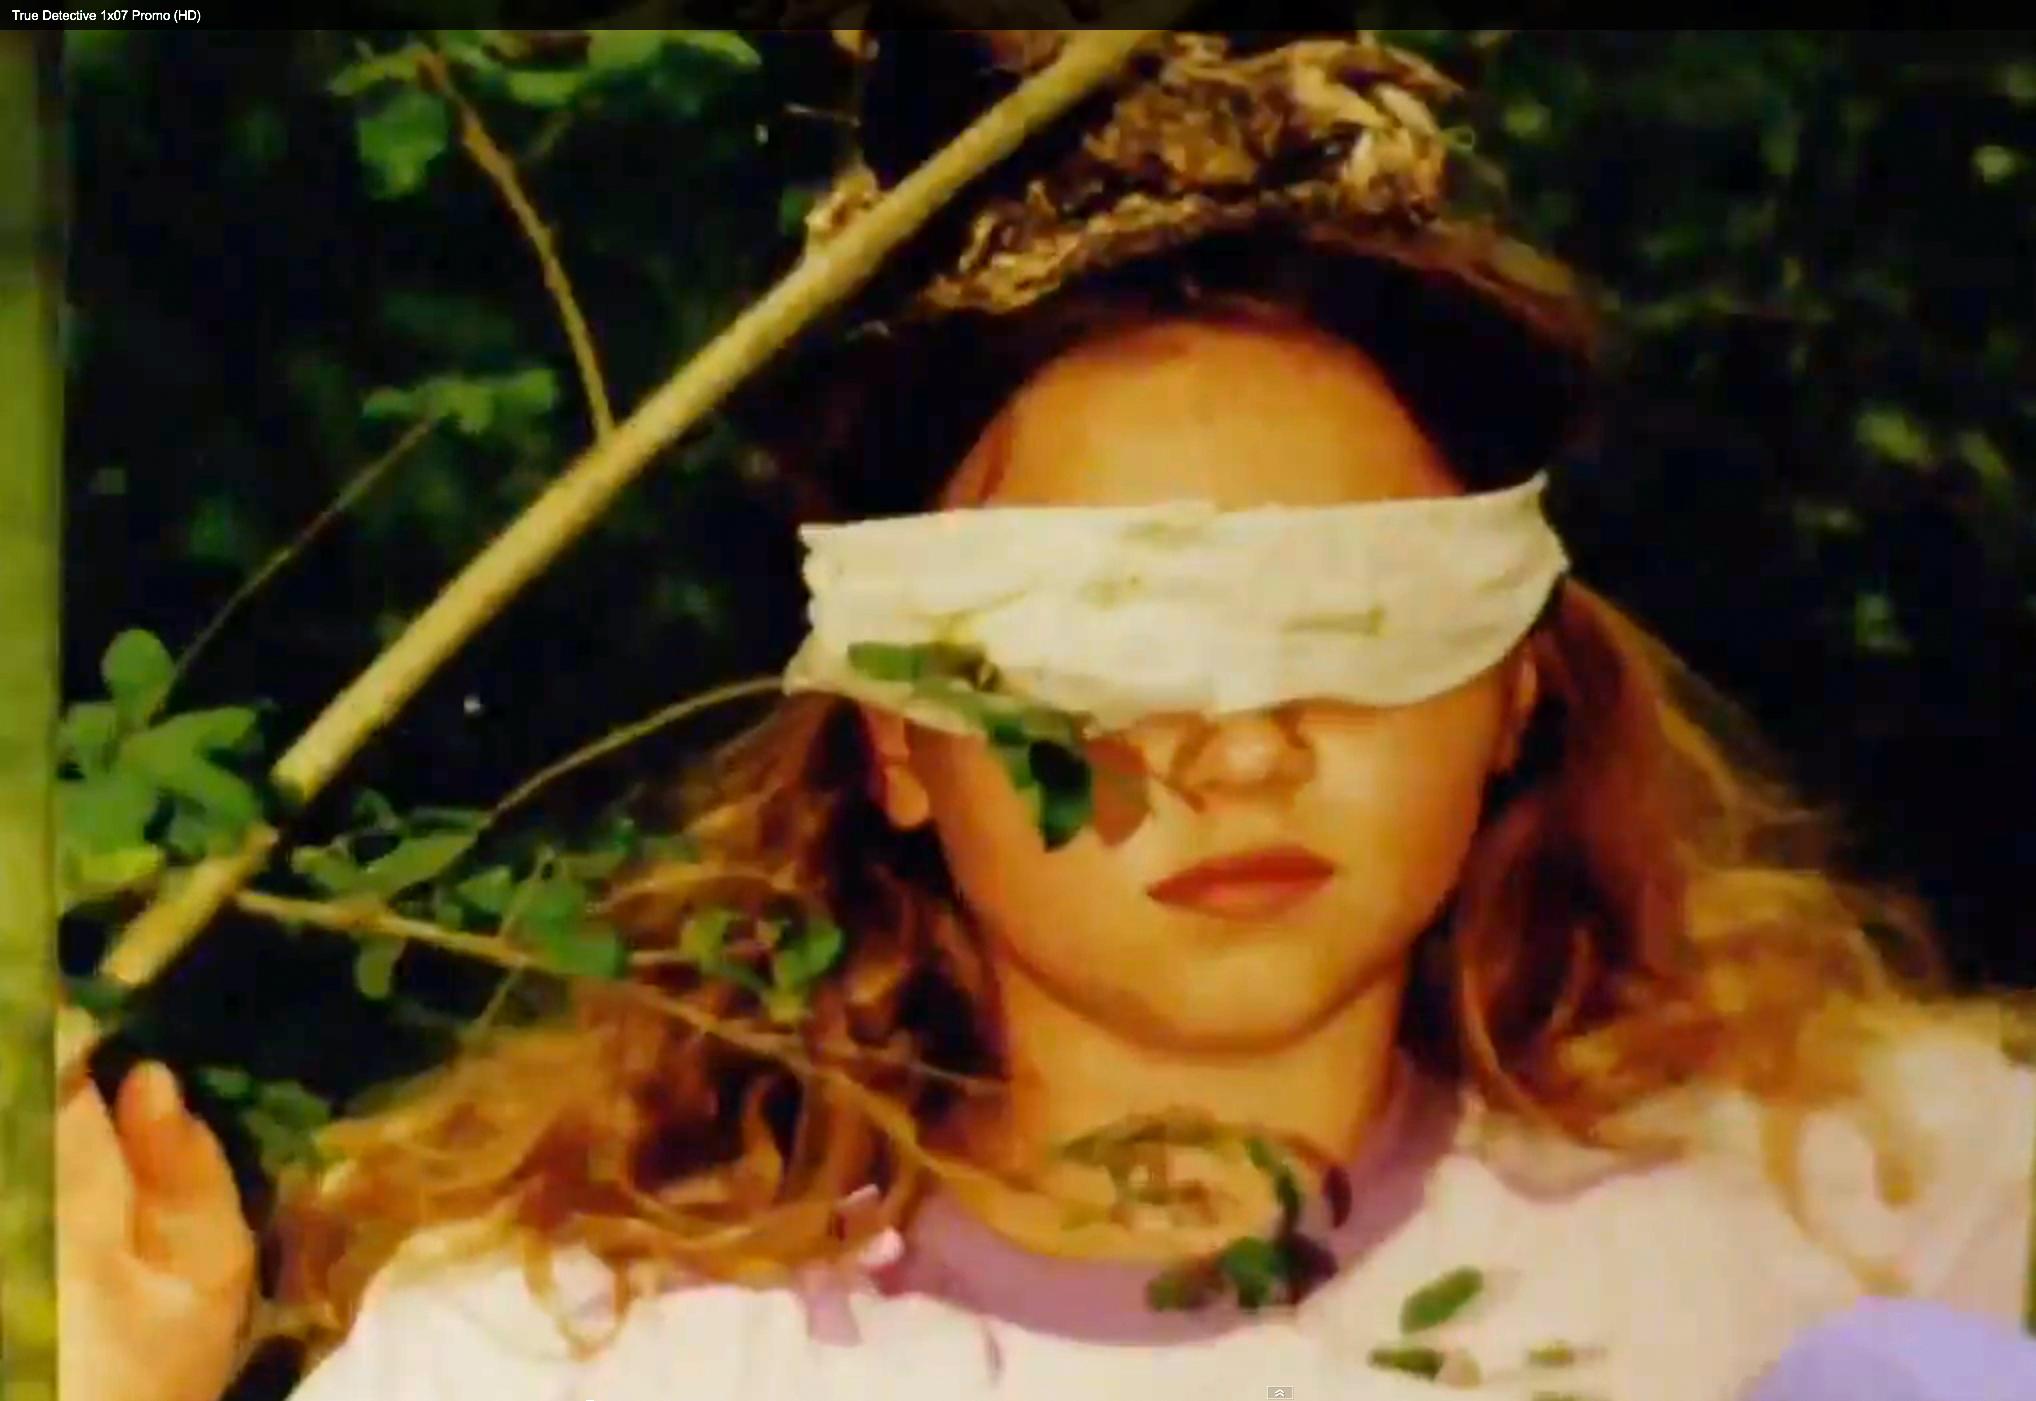 blindfoldedgirl